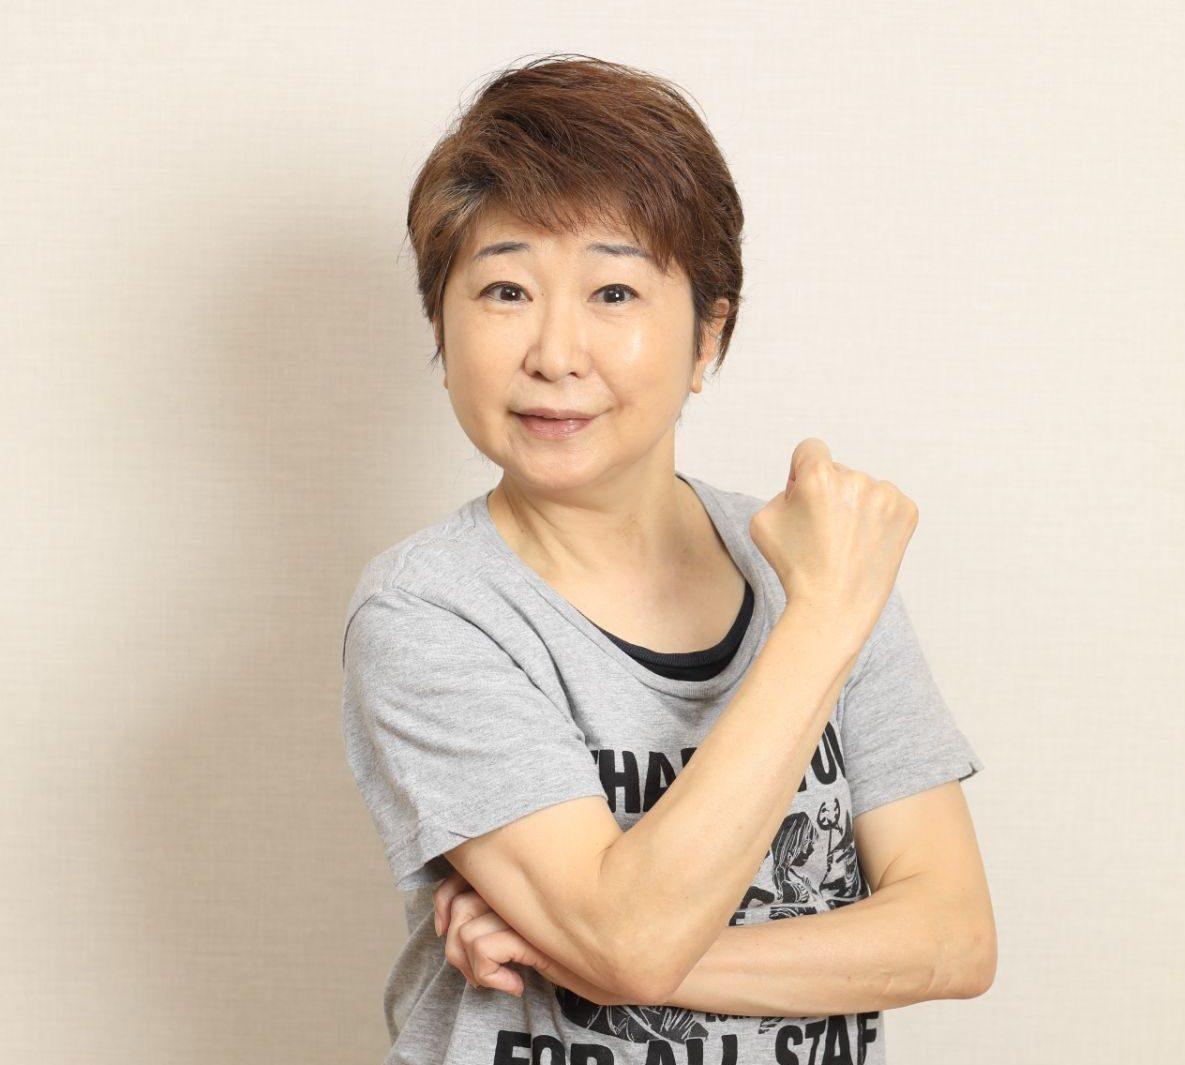 「田中真弓 昔」の画像検索結果